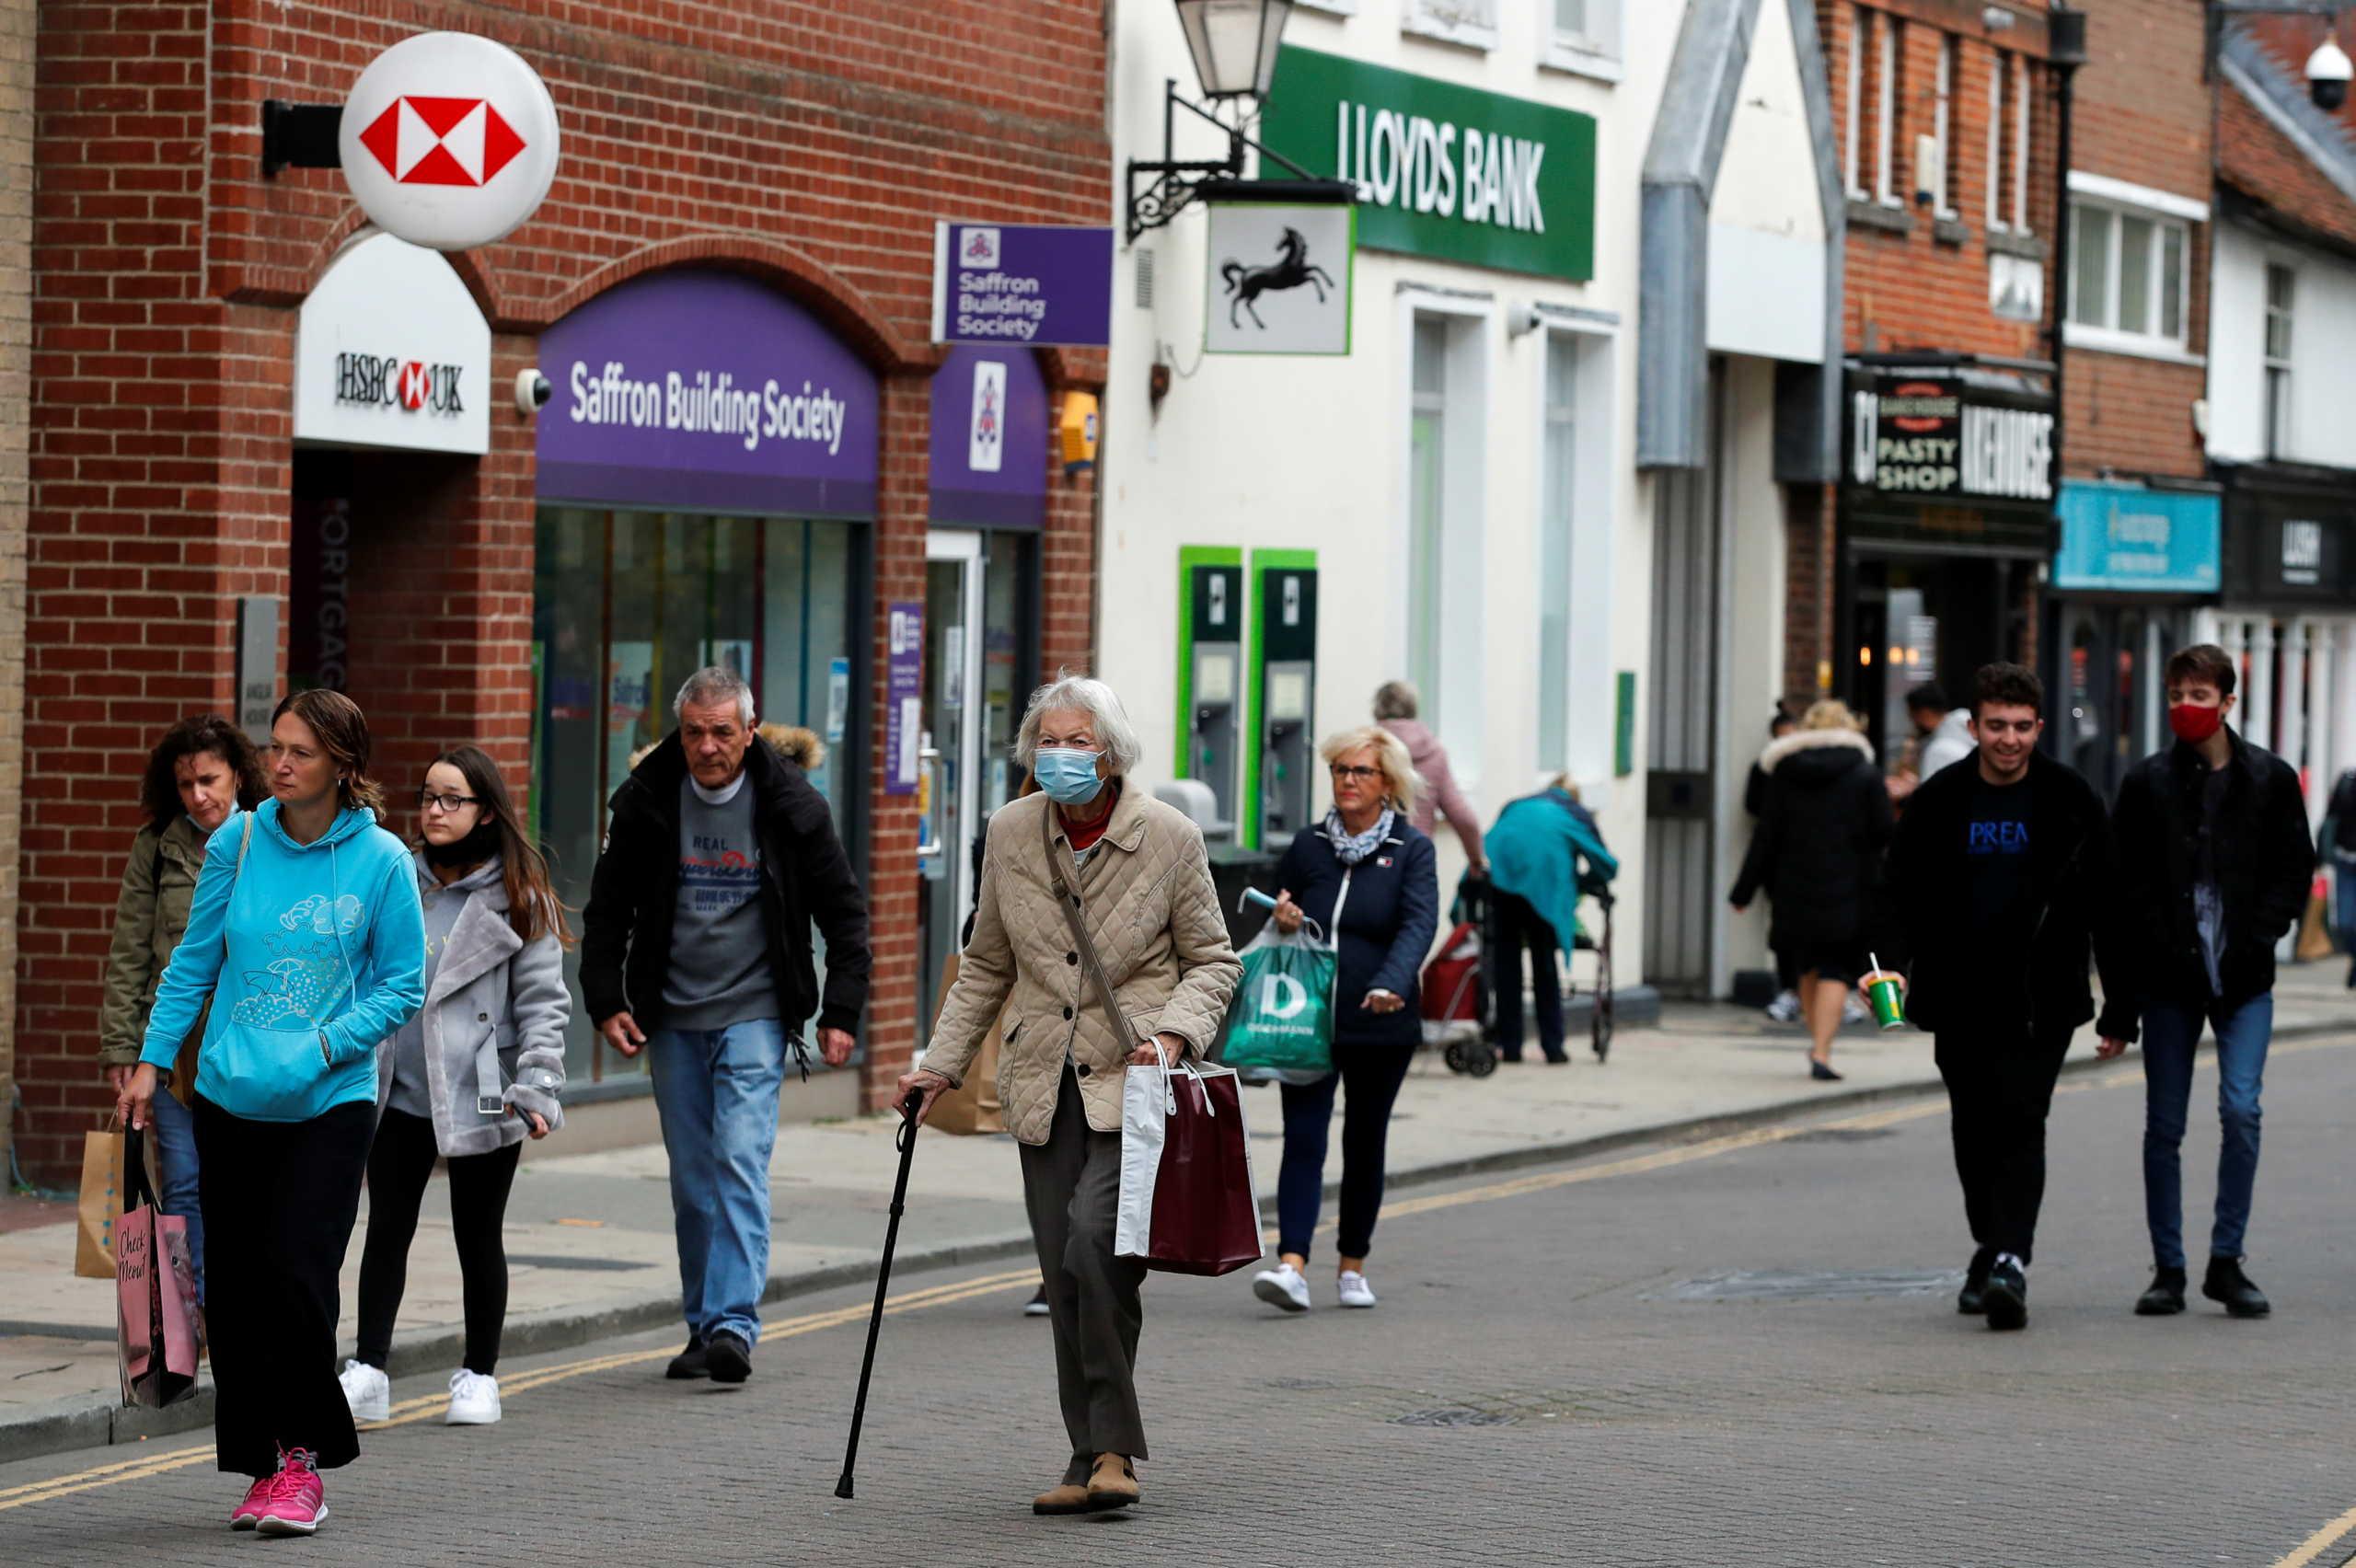 Γυναίκα με μάσκα για τον κορονοϊό περπατάει σε δρόμο στο Σάσεξ στη Μεγάλη Βρετανία